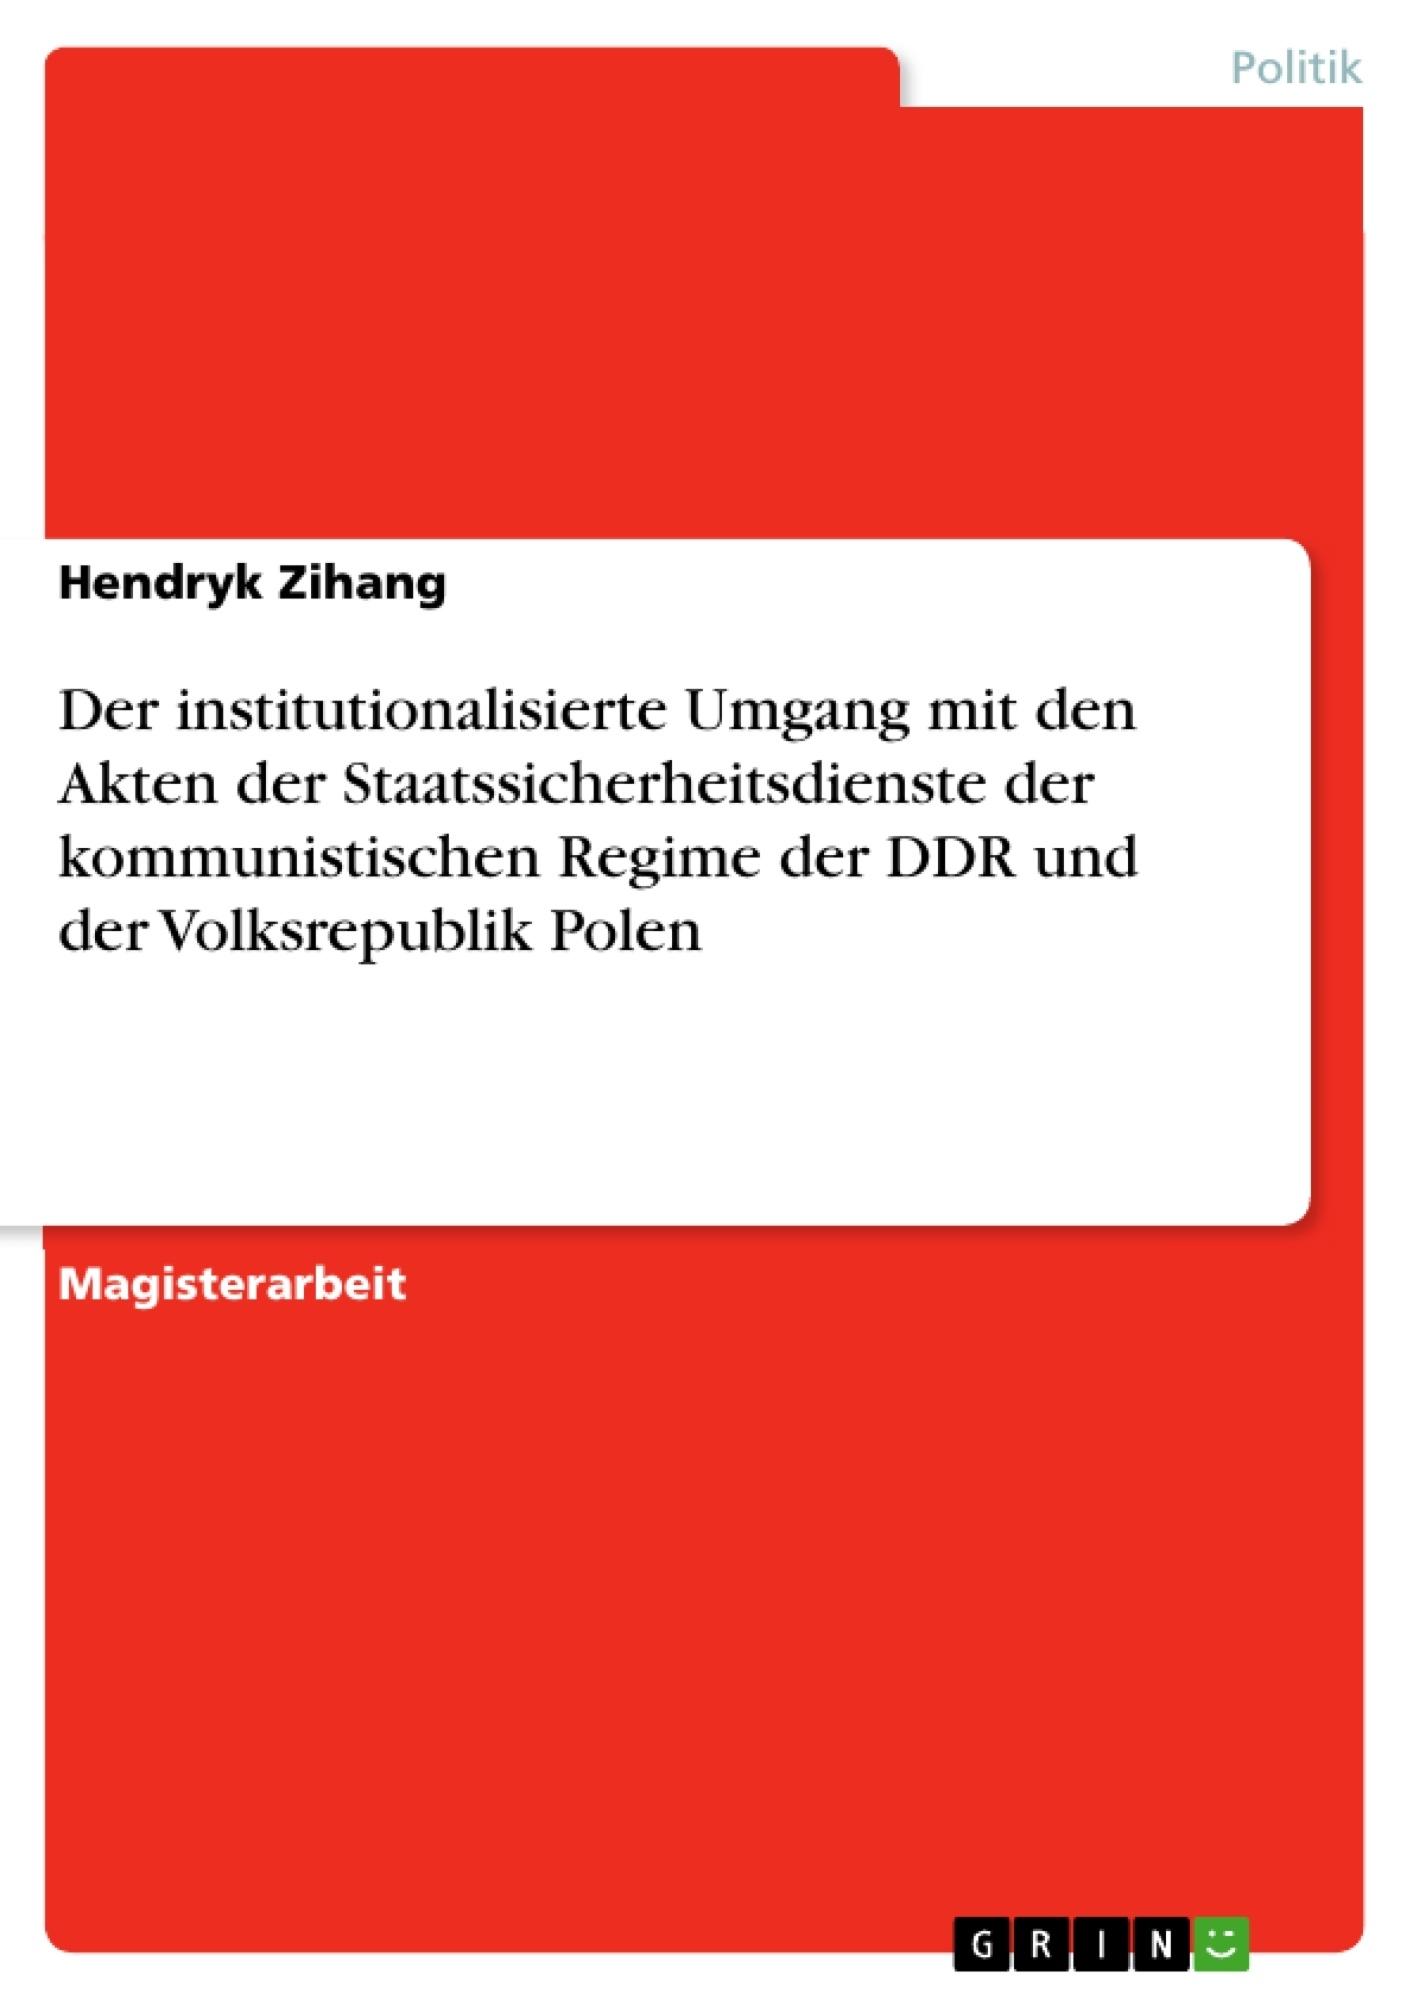 Titel: Der institutionalisierte Umgang mit den Akten der Staatssicherheitsdienste der kommunistischen Regime der DDR und der Volksrepublik Polen